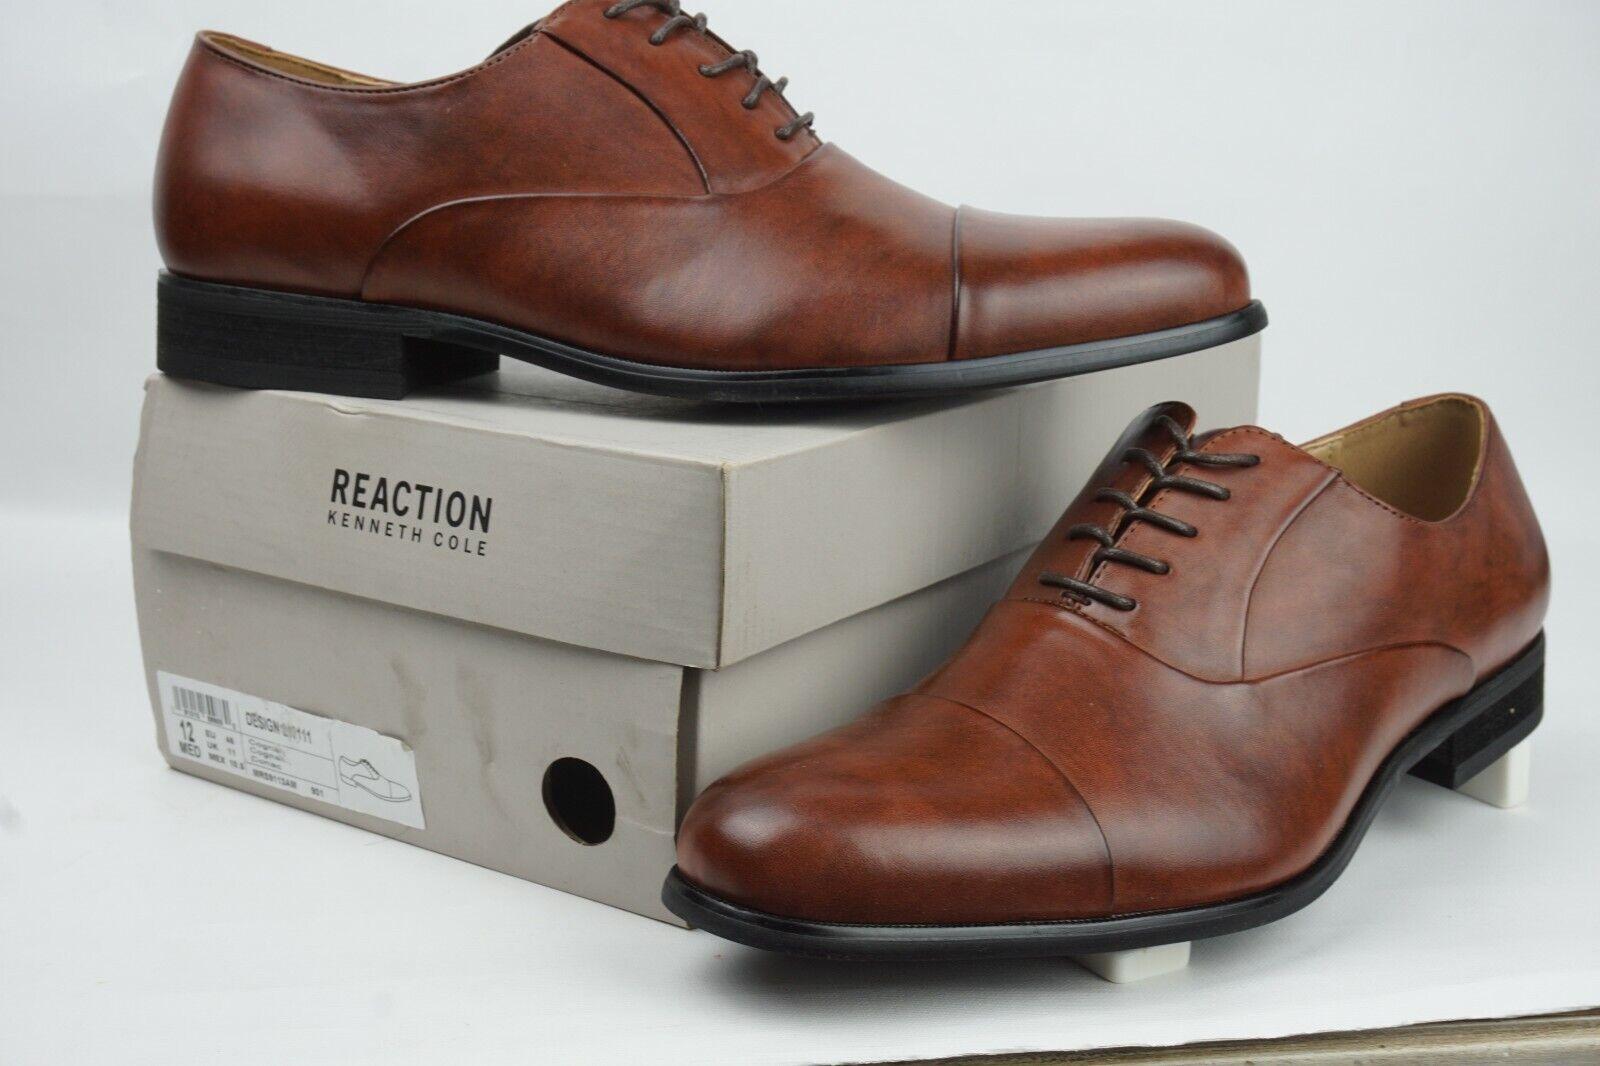 Kenneth Cole Reaction Design 213111 Mens Cognac Oxford Shoe Men Sz 12M US Eu 46